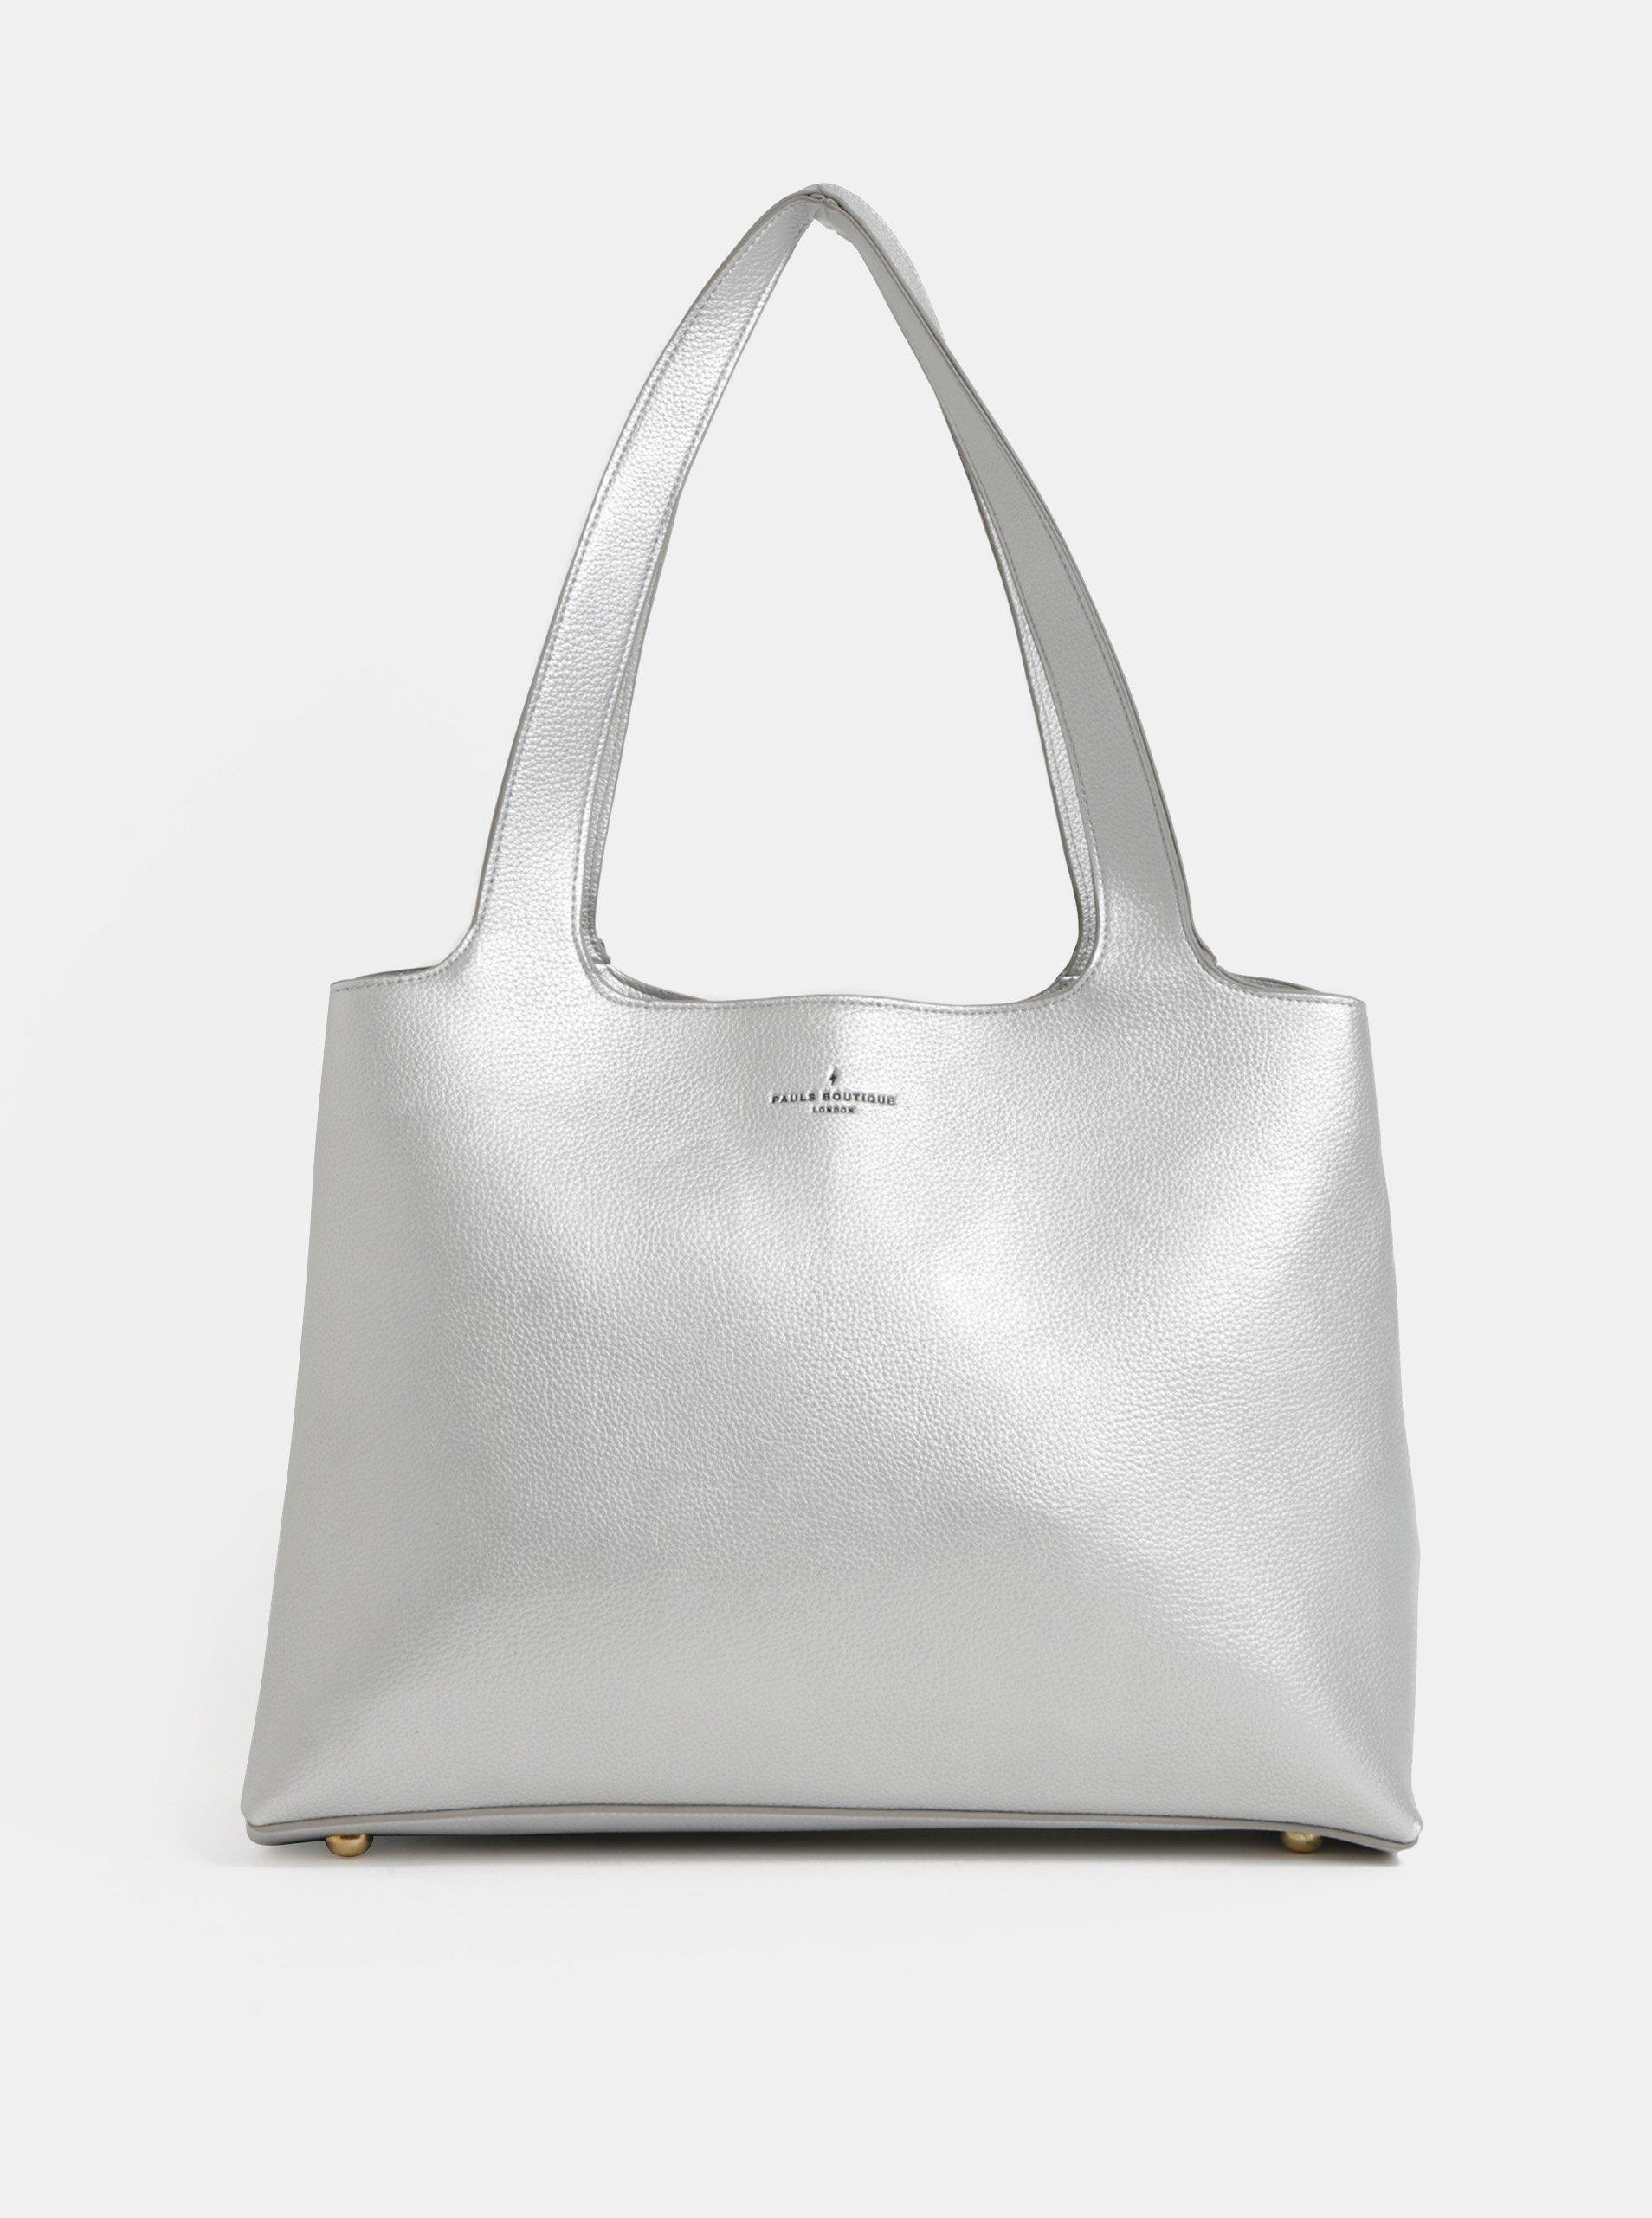 21099bb69cf Velká kabelka ve stříbrné barvě Paul s Boutique Roxy